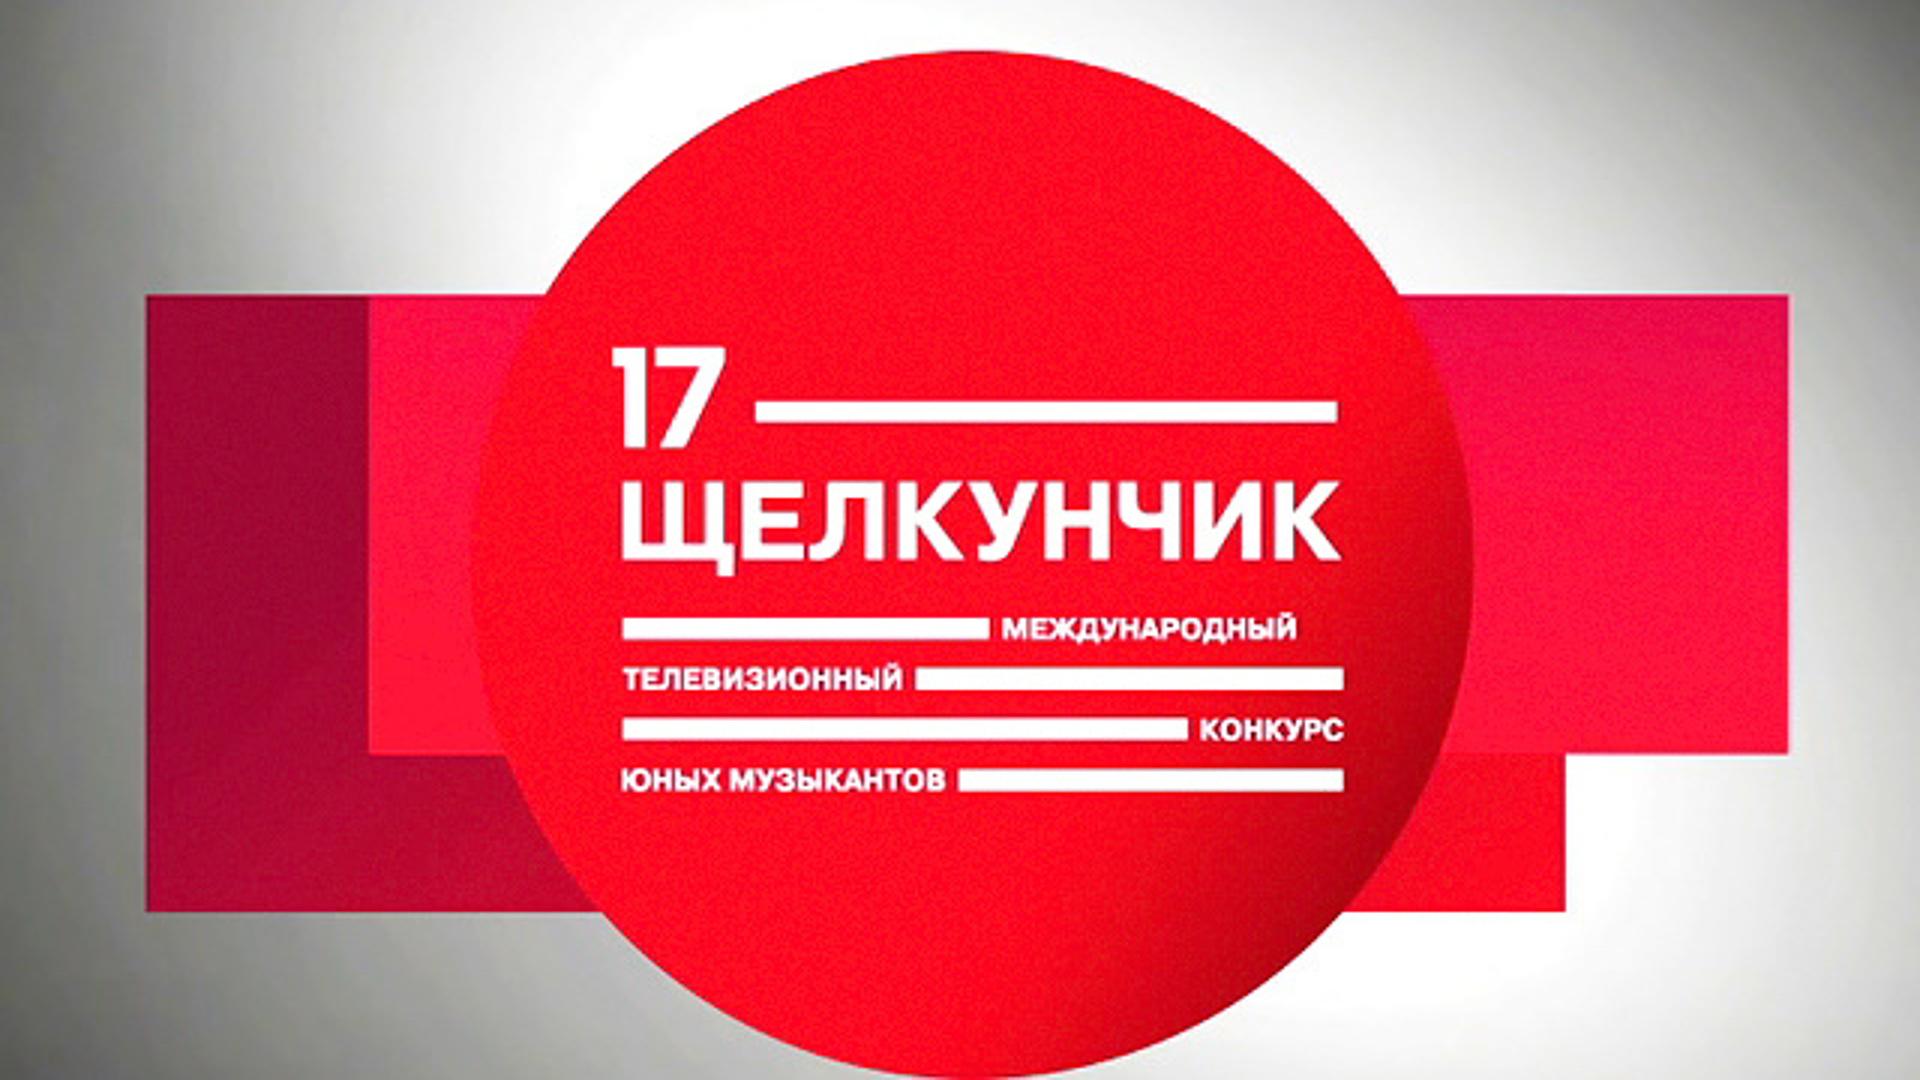 Щелкунчик. XVII Международный телевизионный конкурс юных музыкантов